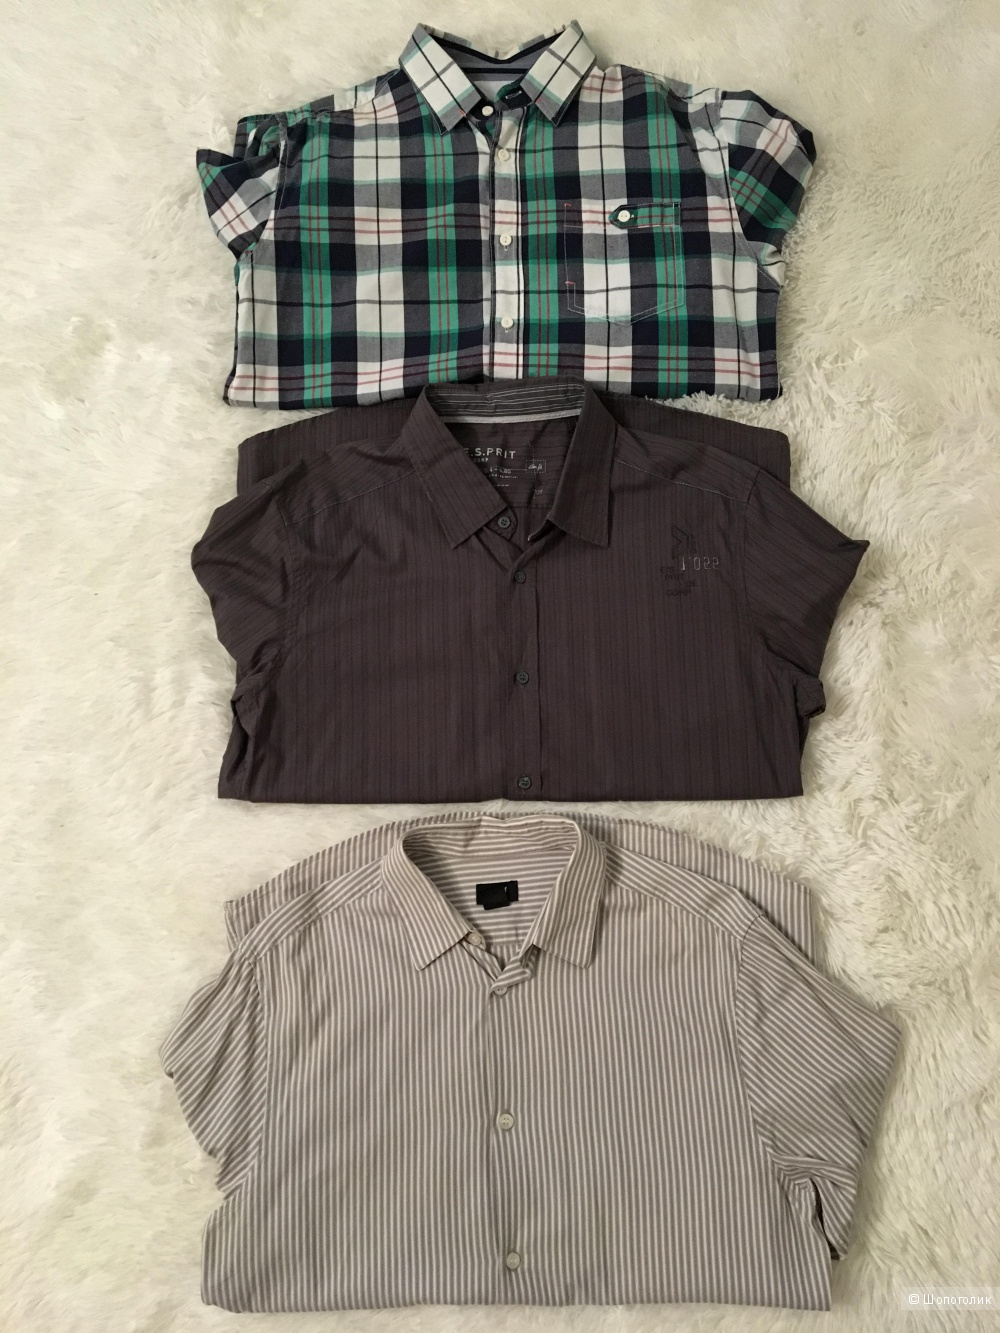 Сет из мужских рубашек Esprit, размер М+DND, размер М+ H&M, размер М